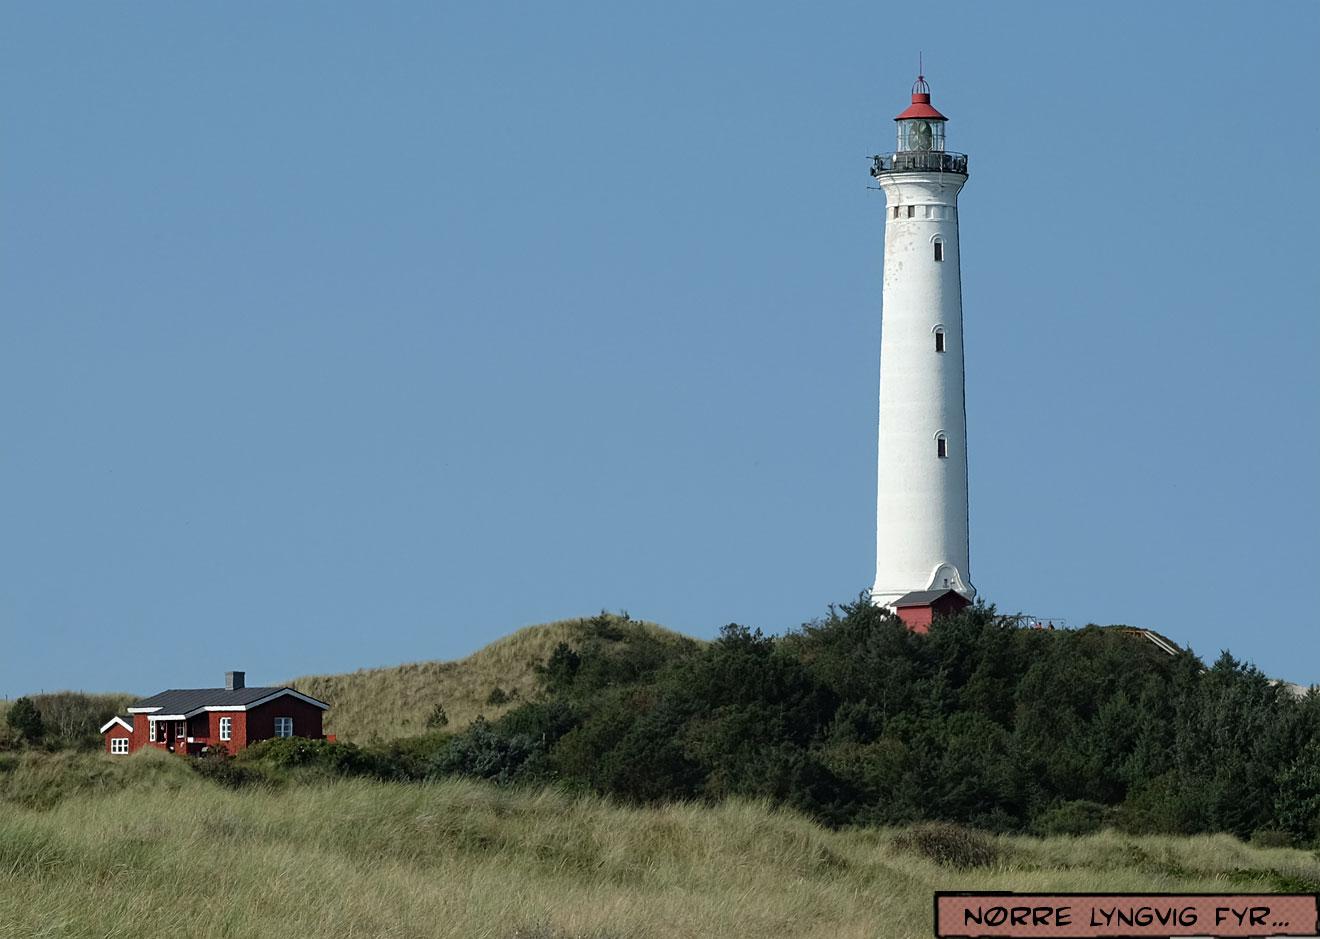 Leuchtturm Nørre Lyngvig Fyr